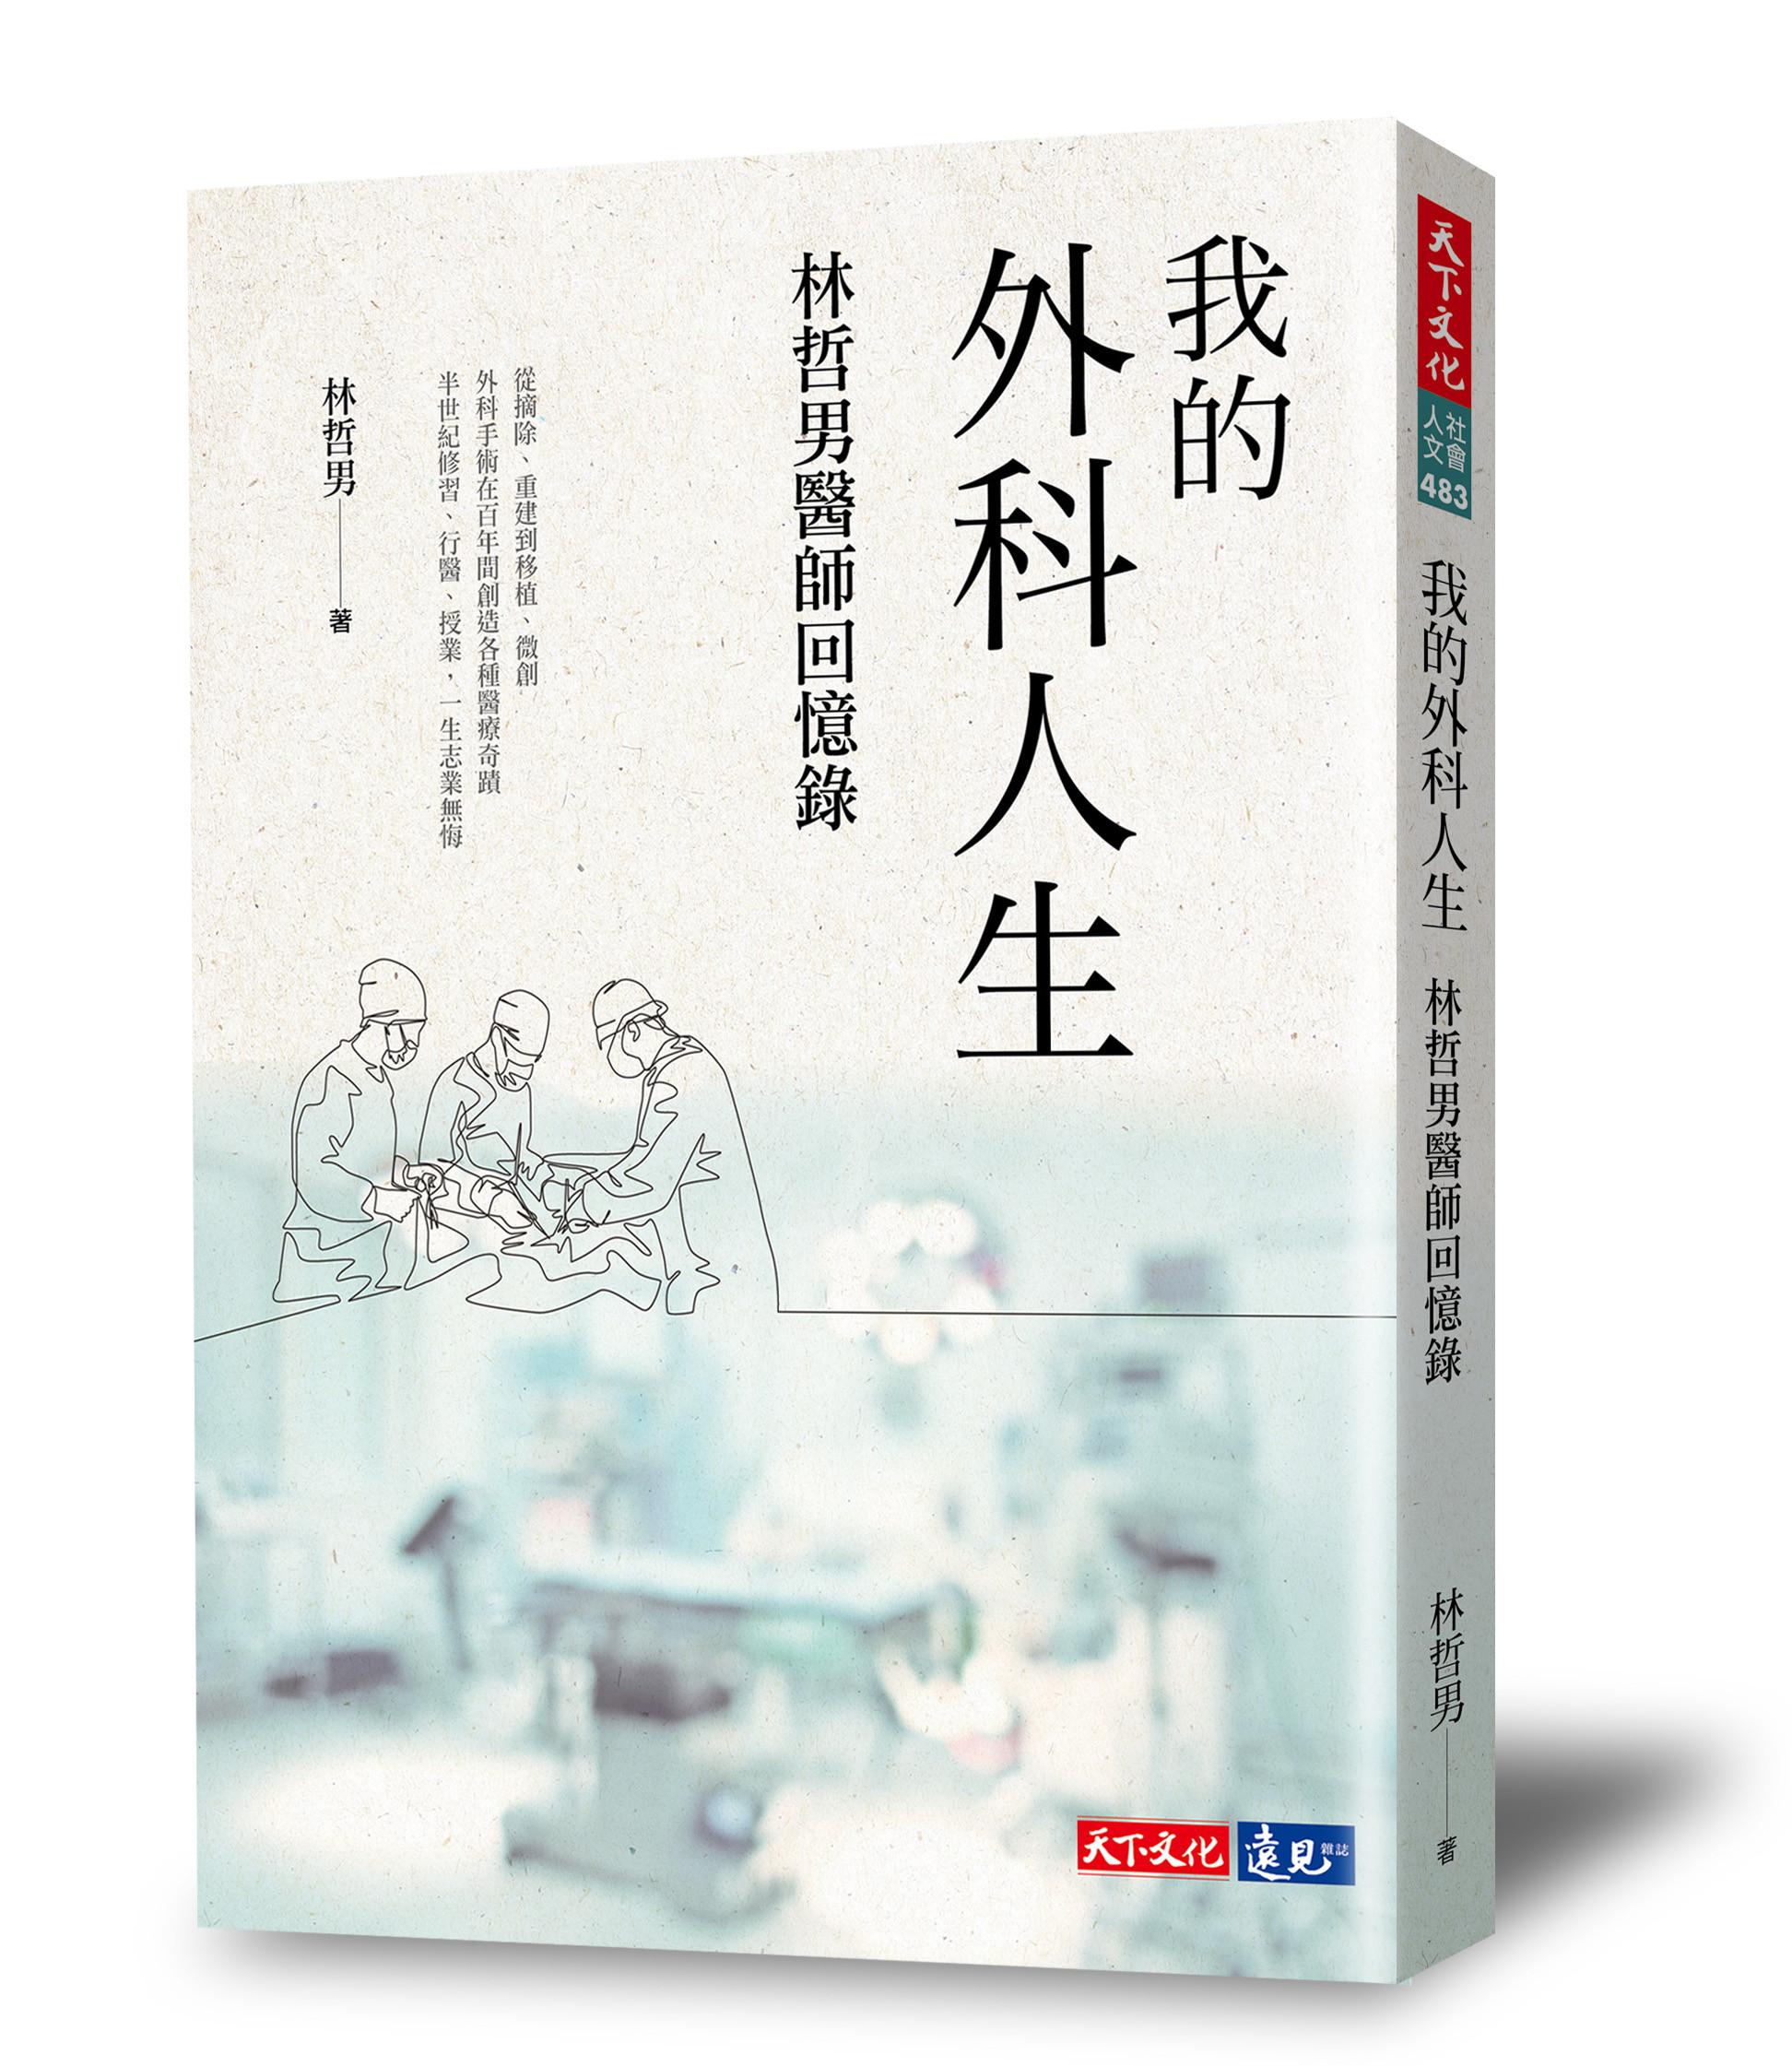 ▲▼書籍《我的外科人生:林哲男醫師回憶錄》。(圖/天下文化提供,請勿隨意翻拍,以免侵權。)